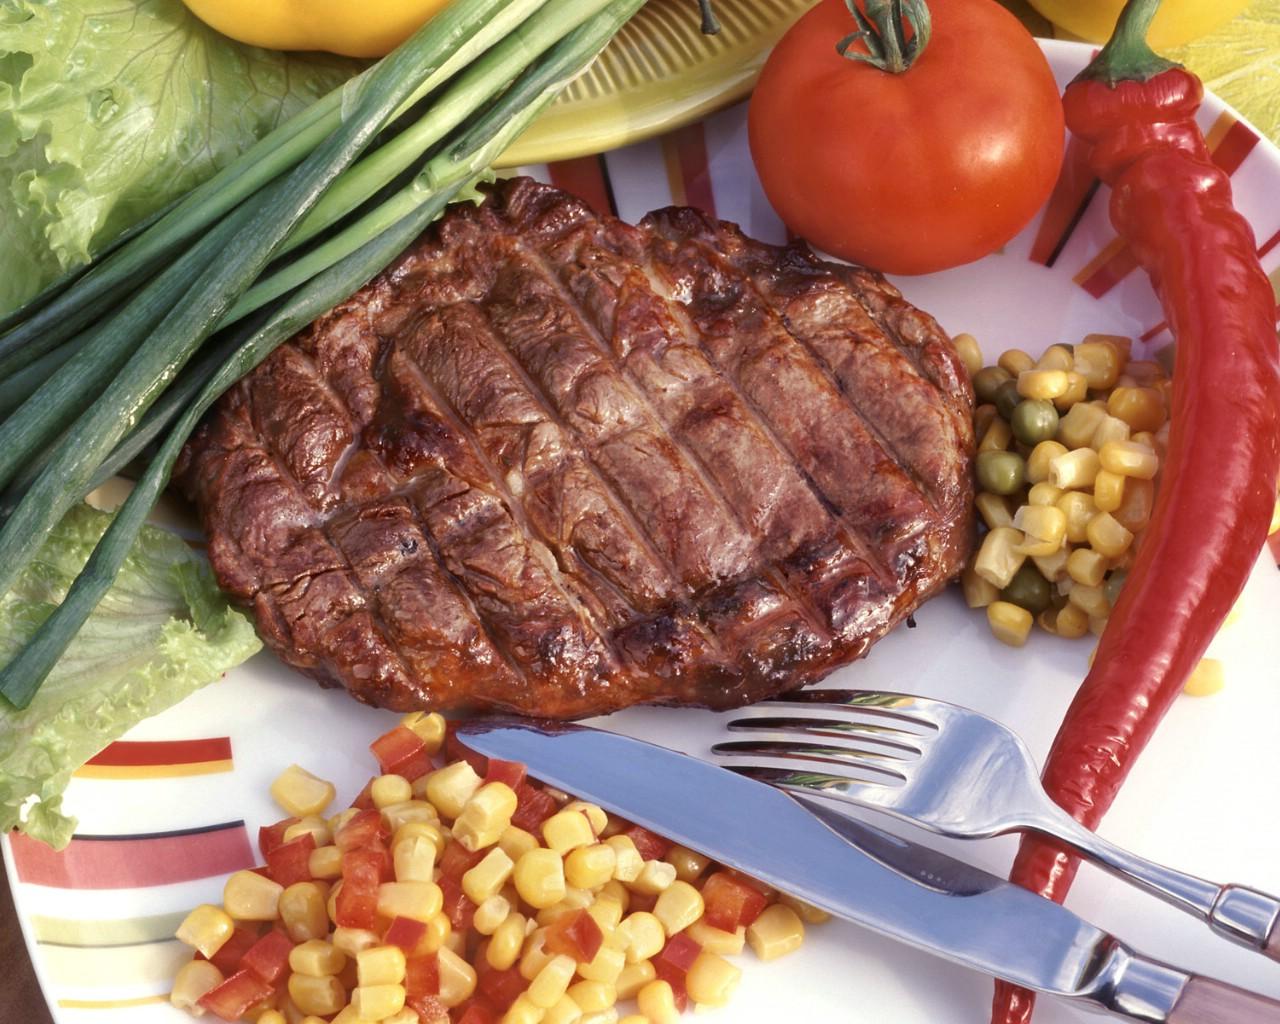 壁纸1280×1024美味烧烤 5 7壁纸 美味烧烤壁纸图片美食壁纸美食图片素材桌面壁纸